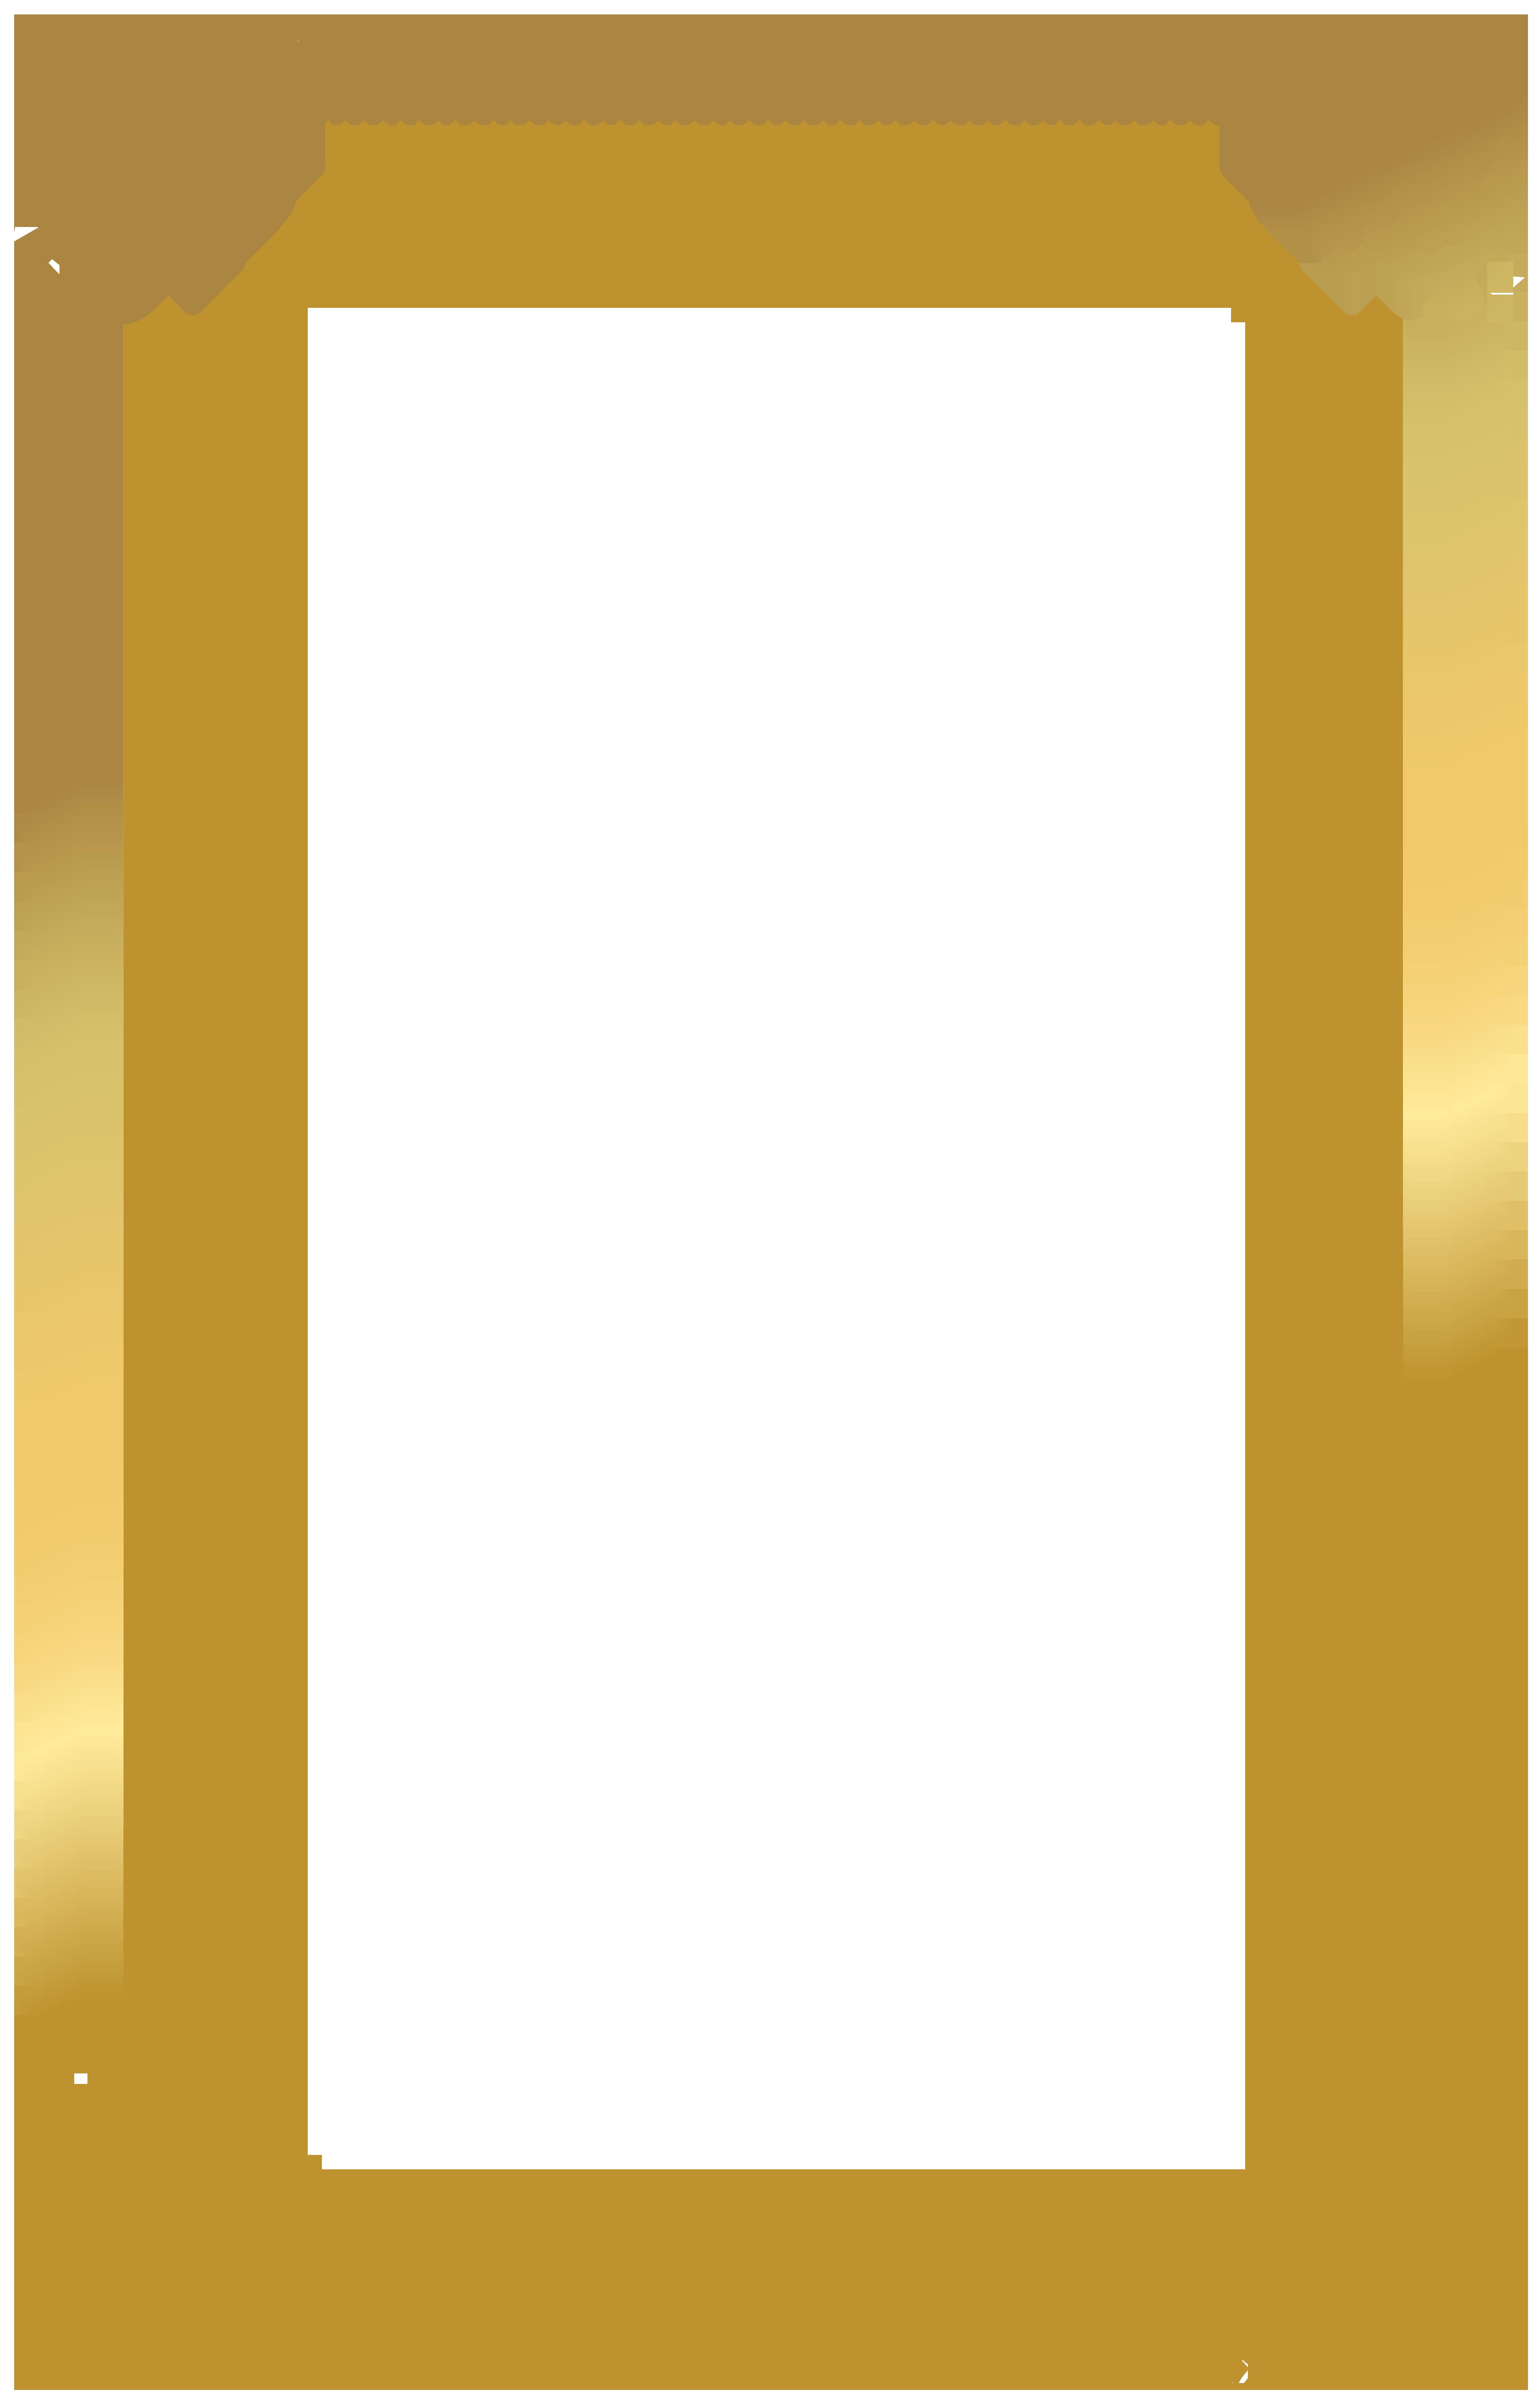 Border Frame Gold Deco Png Clip Art Image Gallery Yopriceville High Quality Images And T Floral Border Design Poster Background Design Frame Border Design